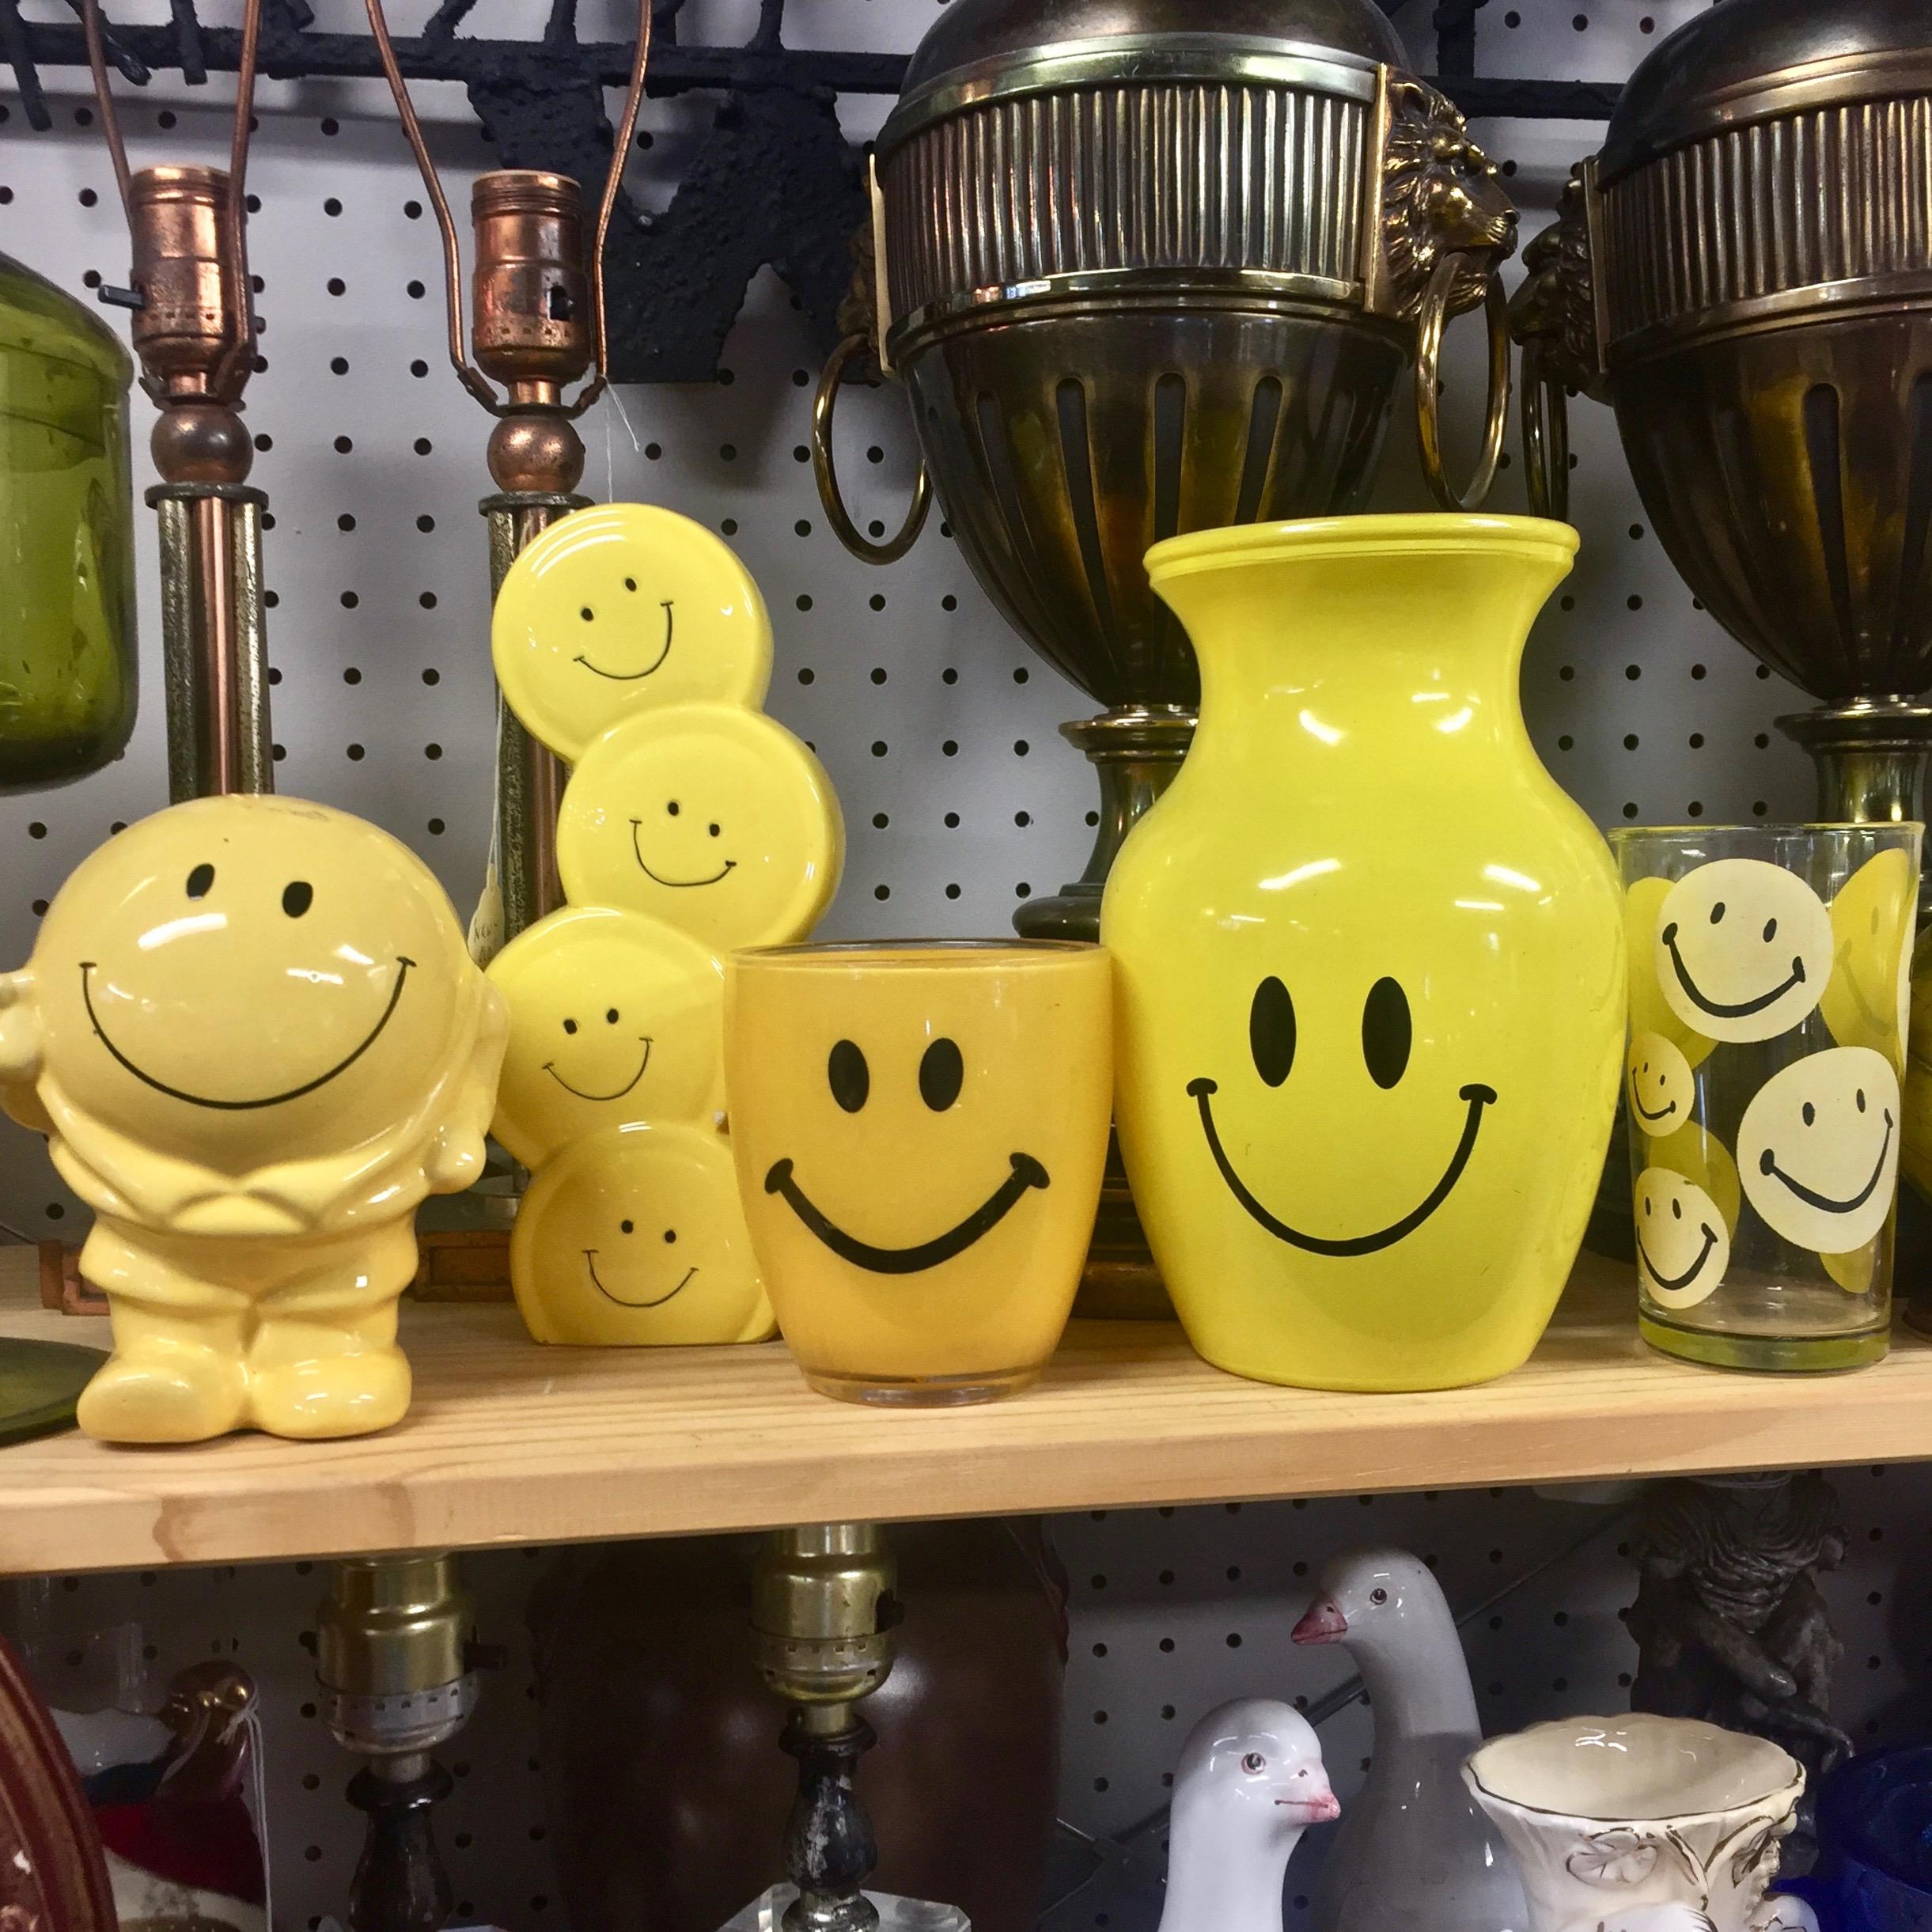 Vintage Smiley Faces